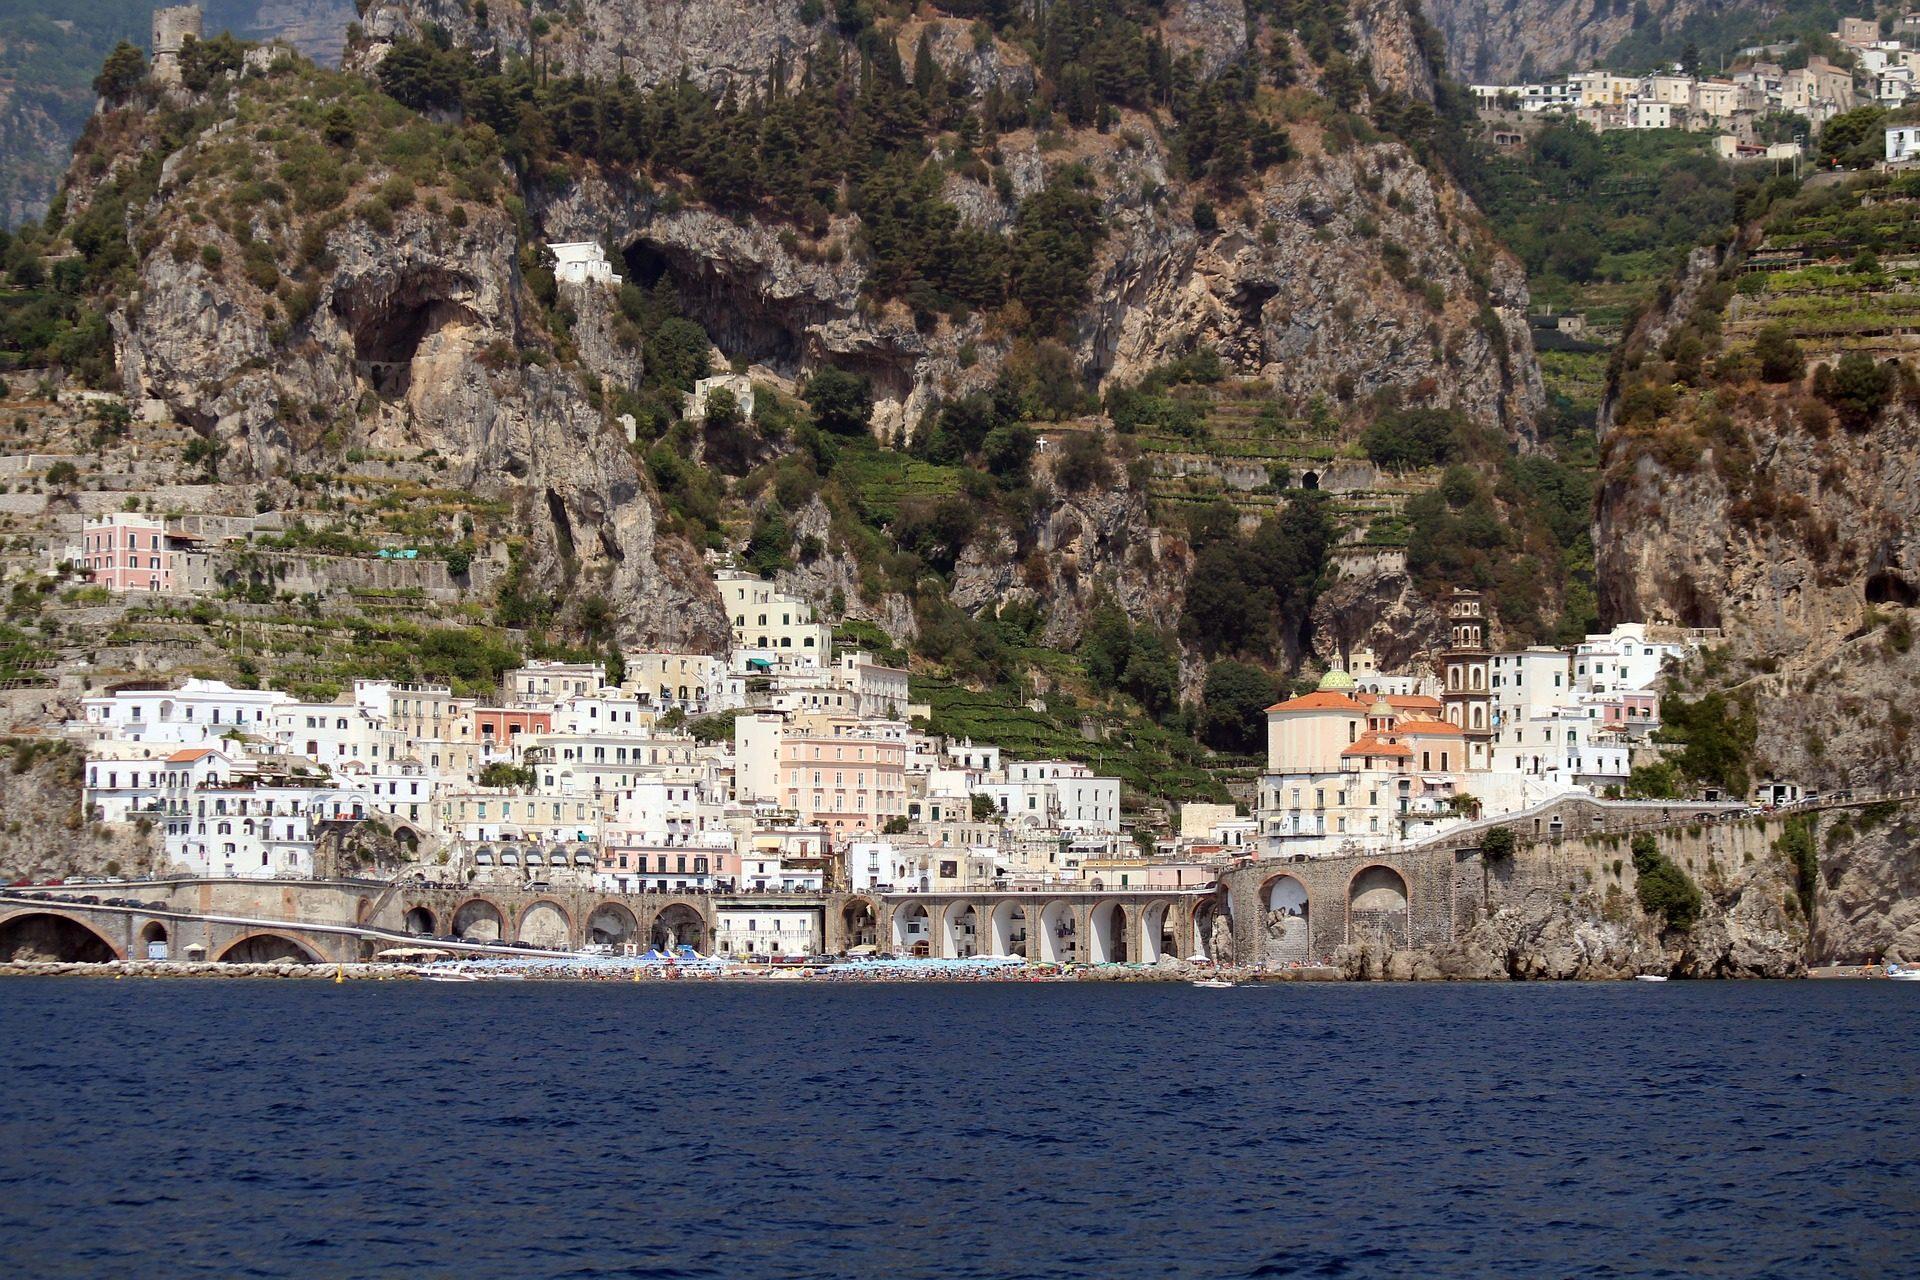 χωριό, Κόστα, Θάλασσα, Montañas, Γκρεμό, Atrani - Wallpapers HD - Professor-falken.com